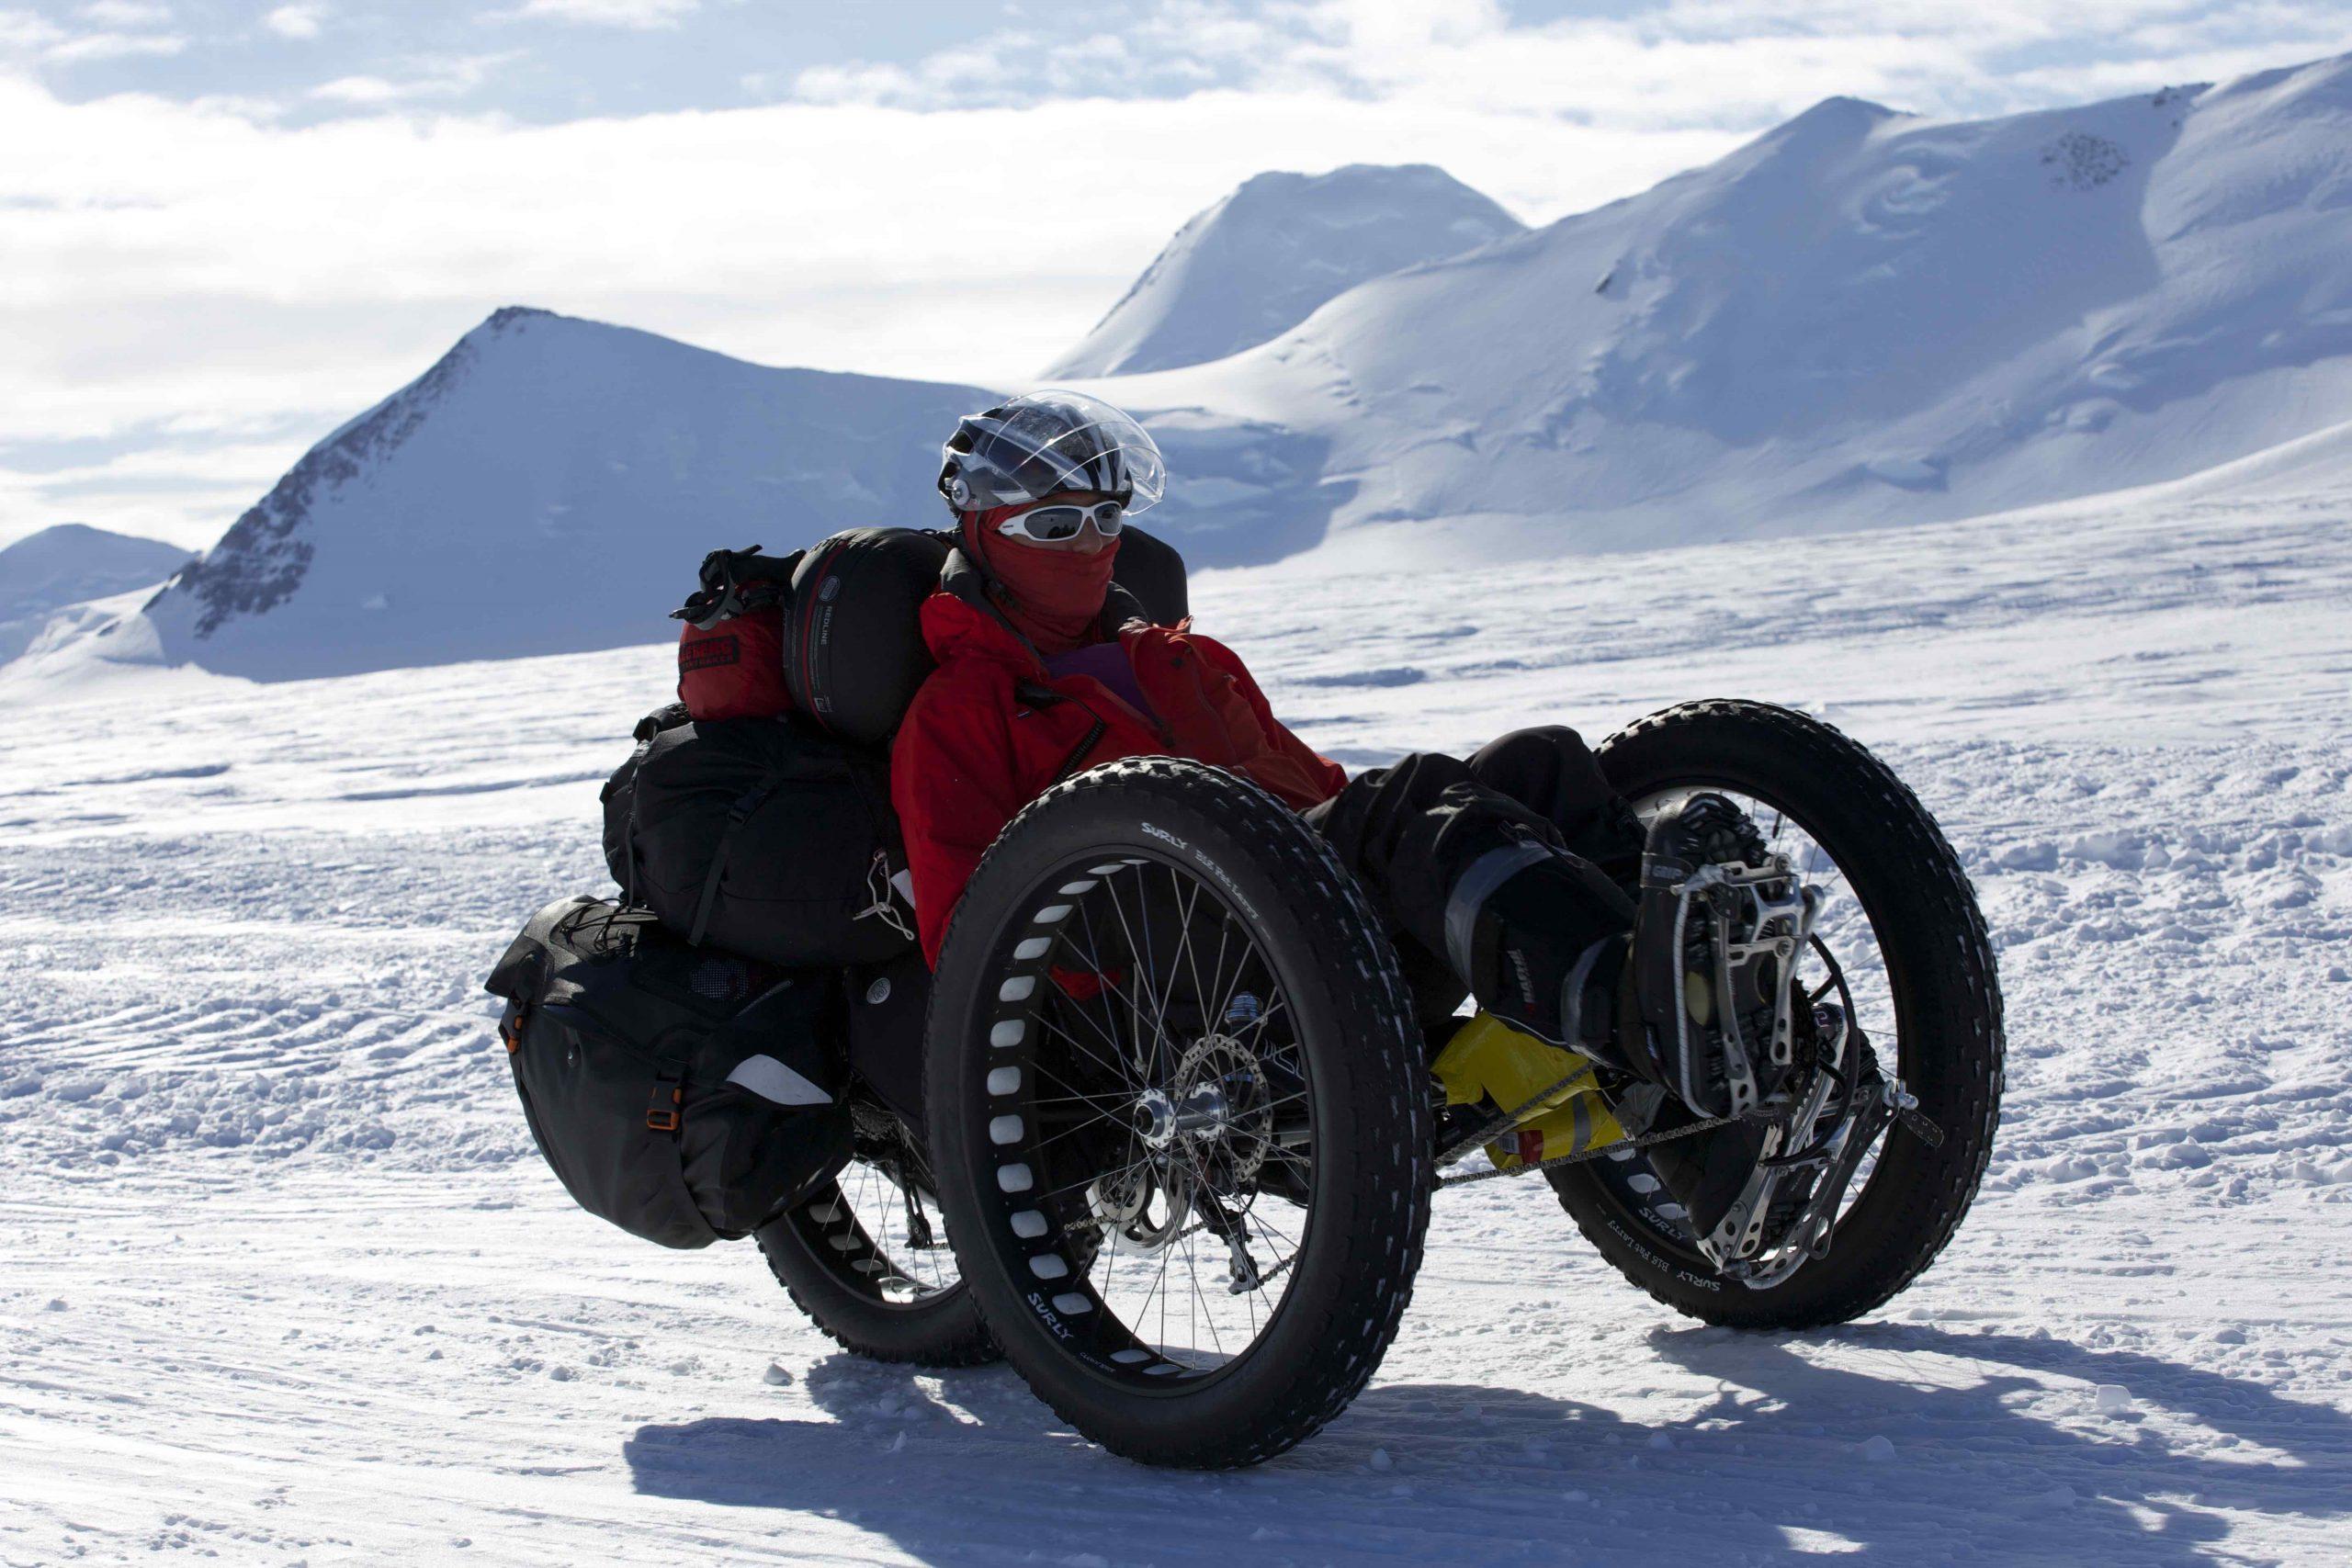 Abb. 20 Die Britin Maria Leijerstam pedaliert 2013 in knapp elf Tagen als erster Mensch zum Südpol: 638 Kilometer vom inneren Rand des Ross-Schelfeis am Fuße des Leverett Gletschers auf der zur Versorgung der US Amundsen-Scott South Pole Station präparierten Eispiste South Pole Traverse. Foto: Archiv Maria Leijerstam